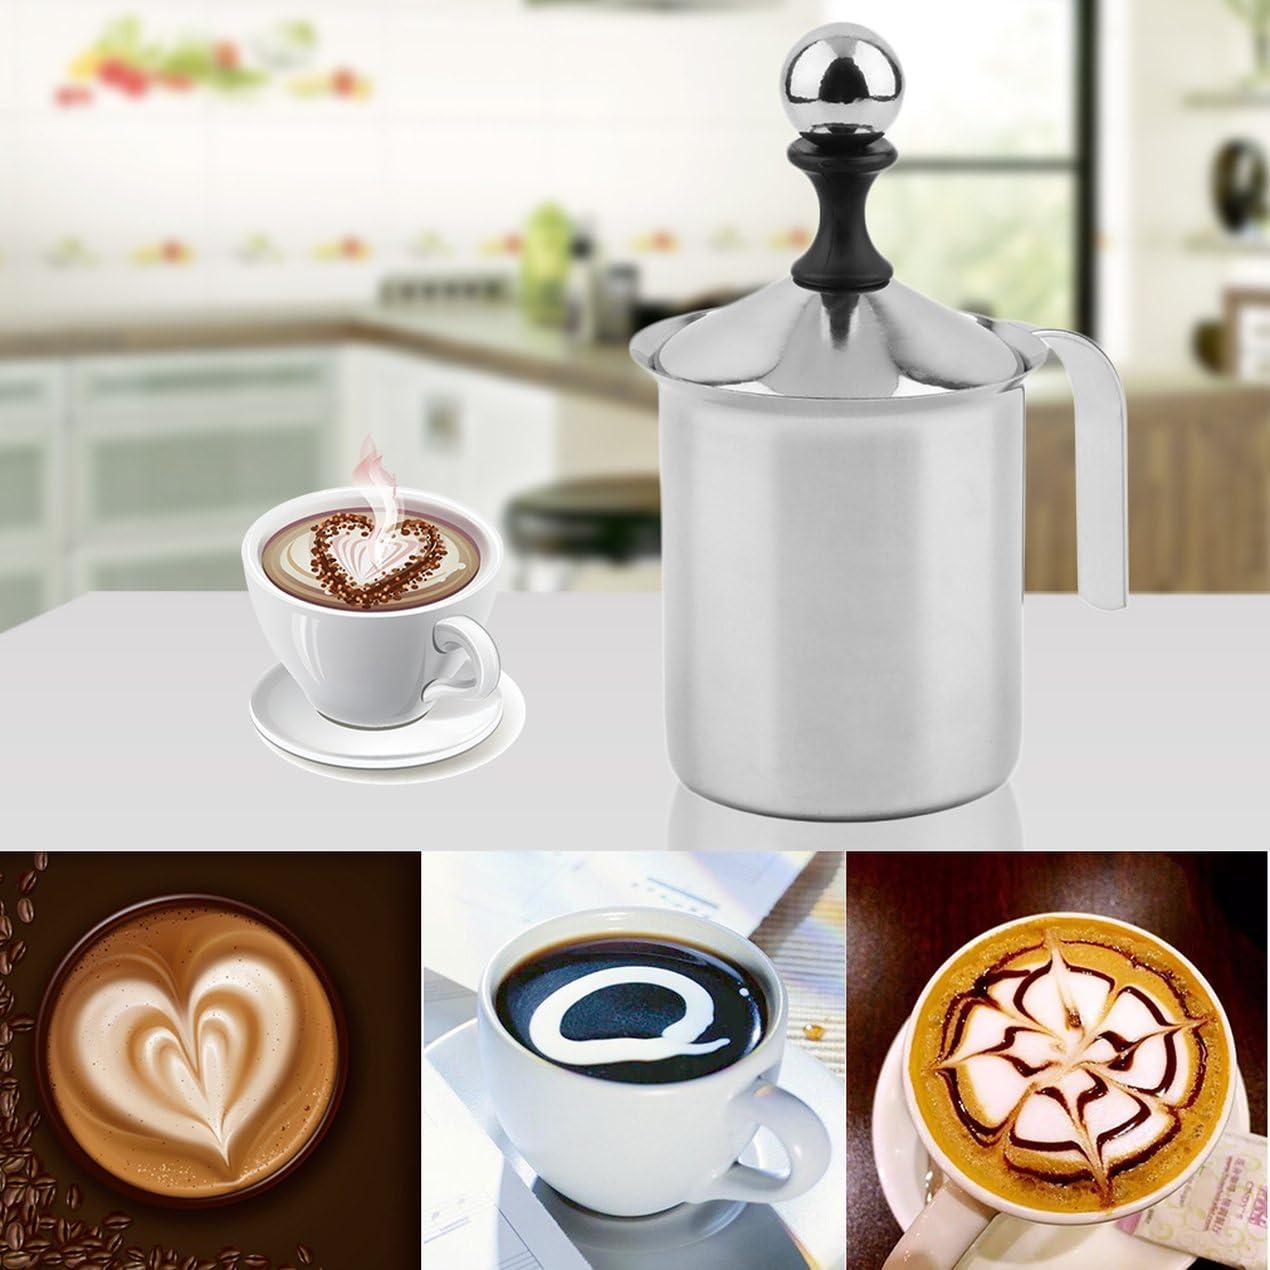 cr/ème latte Wuudi Mousseur /à lait manuel Avec double maille En acier inoxydable cappuccino Pour caf/é chocolat chaud 400 ml